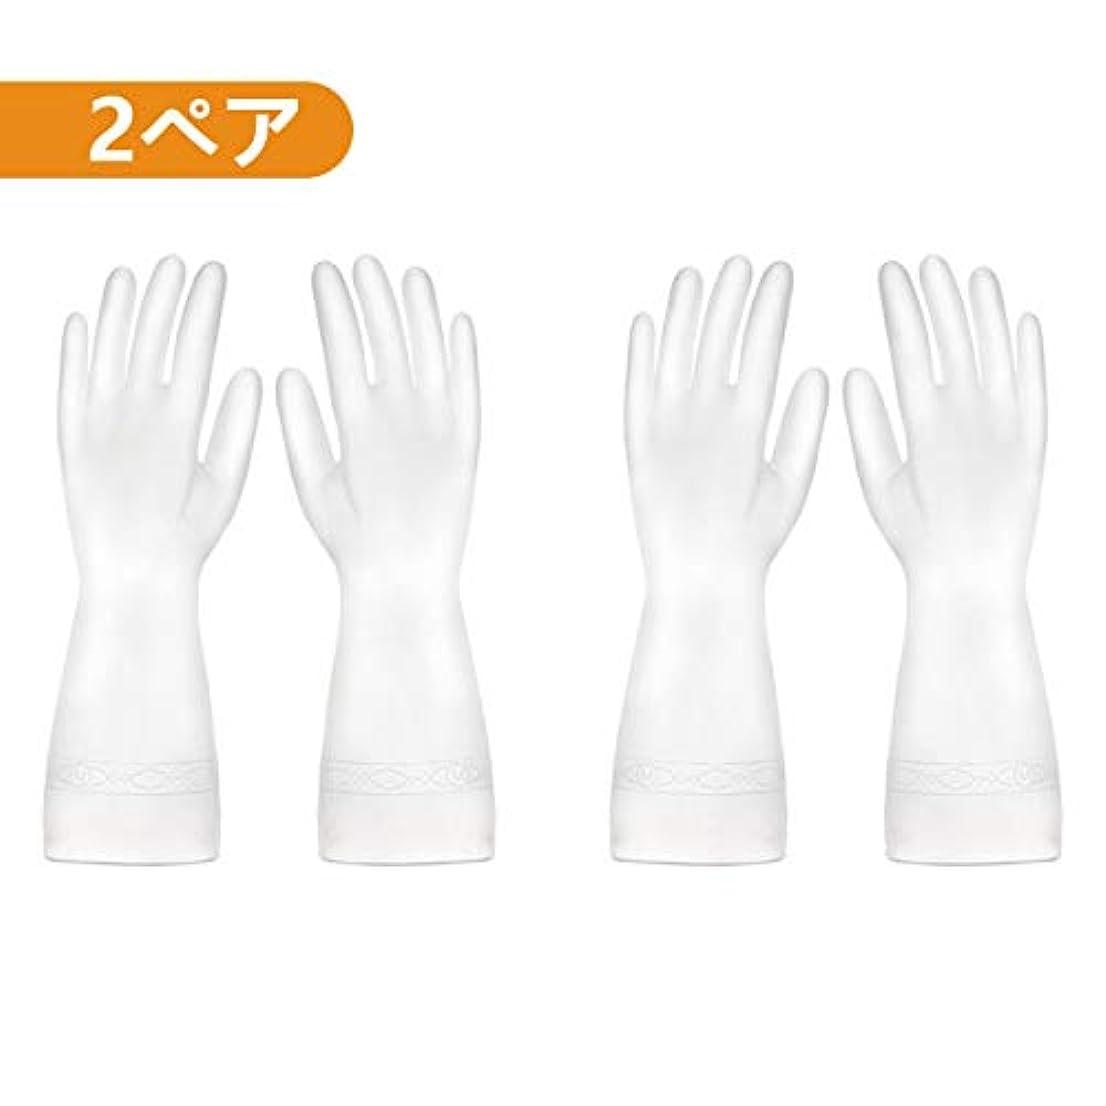 フェミニン疫病バクテリアキッチン手袋 2ペア入り 食器洗い手袋 ゴム手袋 キッチングローブ 耐熱 繰り返し利用 作業 炊事用 家庭用 家事用 食器洗い 園芸 ホワイト latex gloves (S 2ペア)